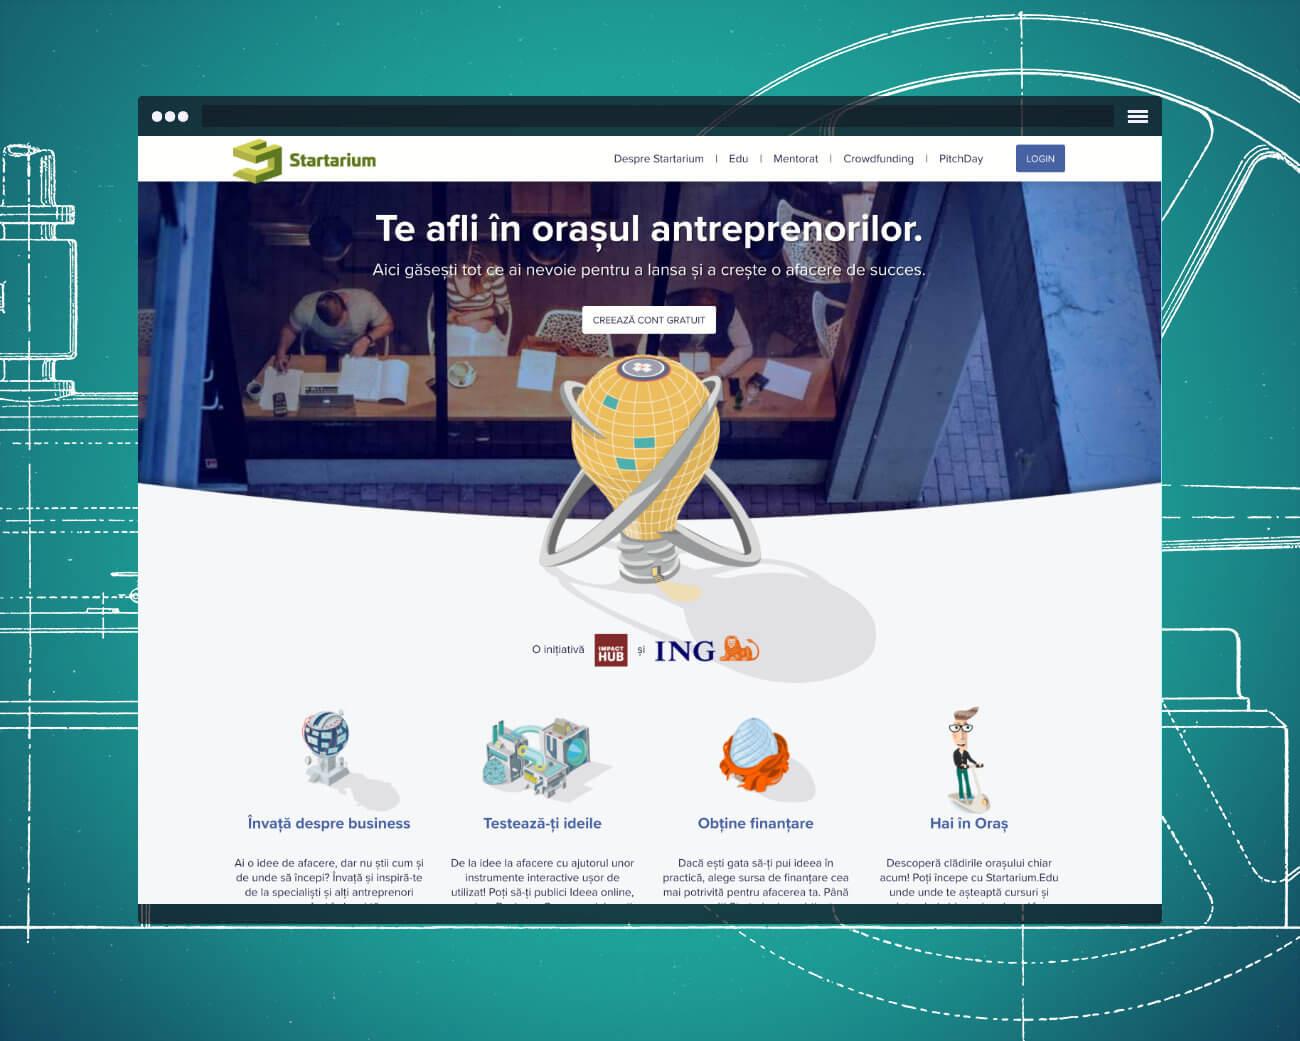 Startarium homepage